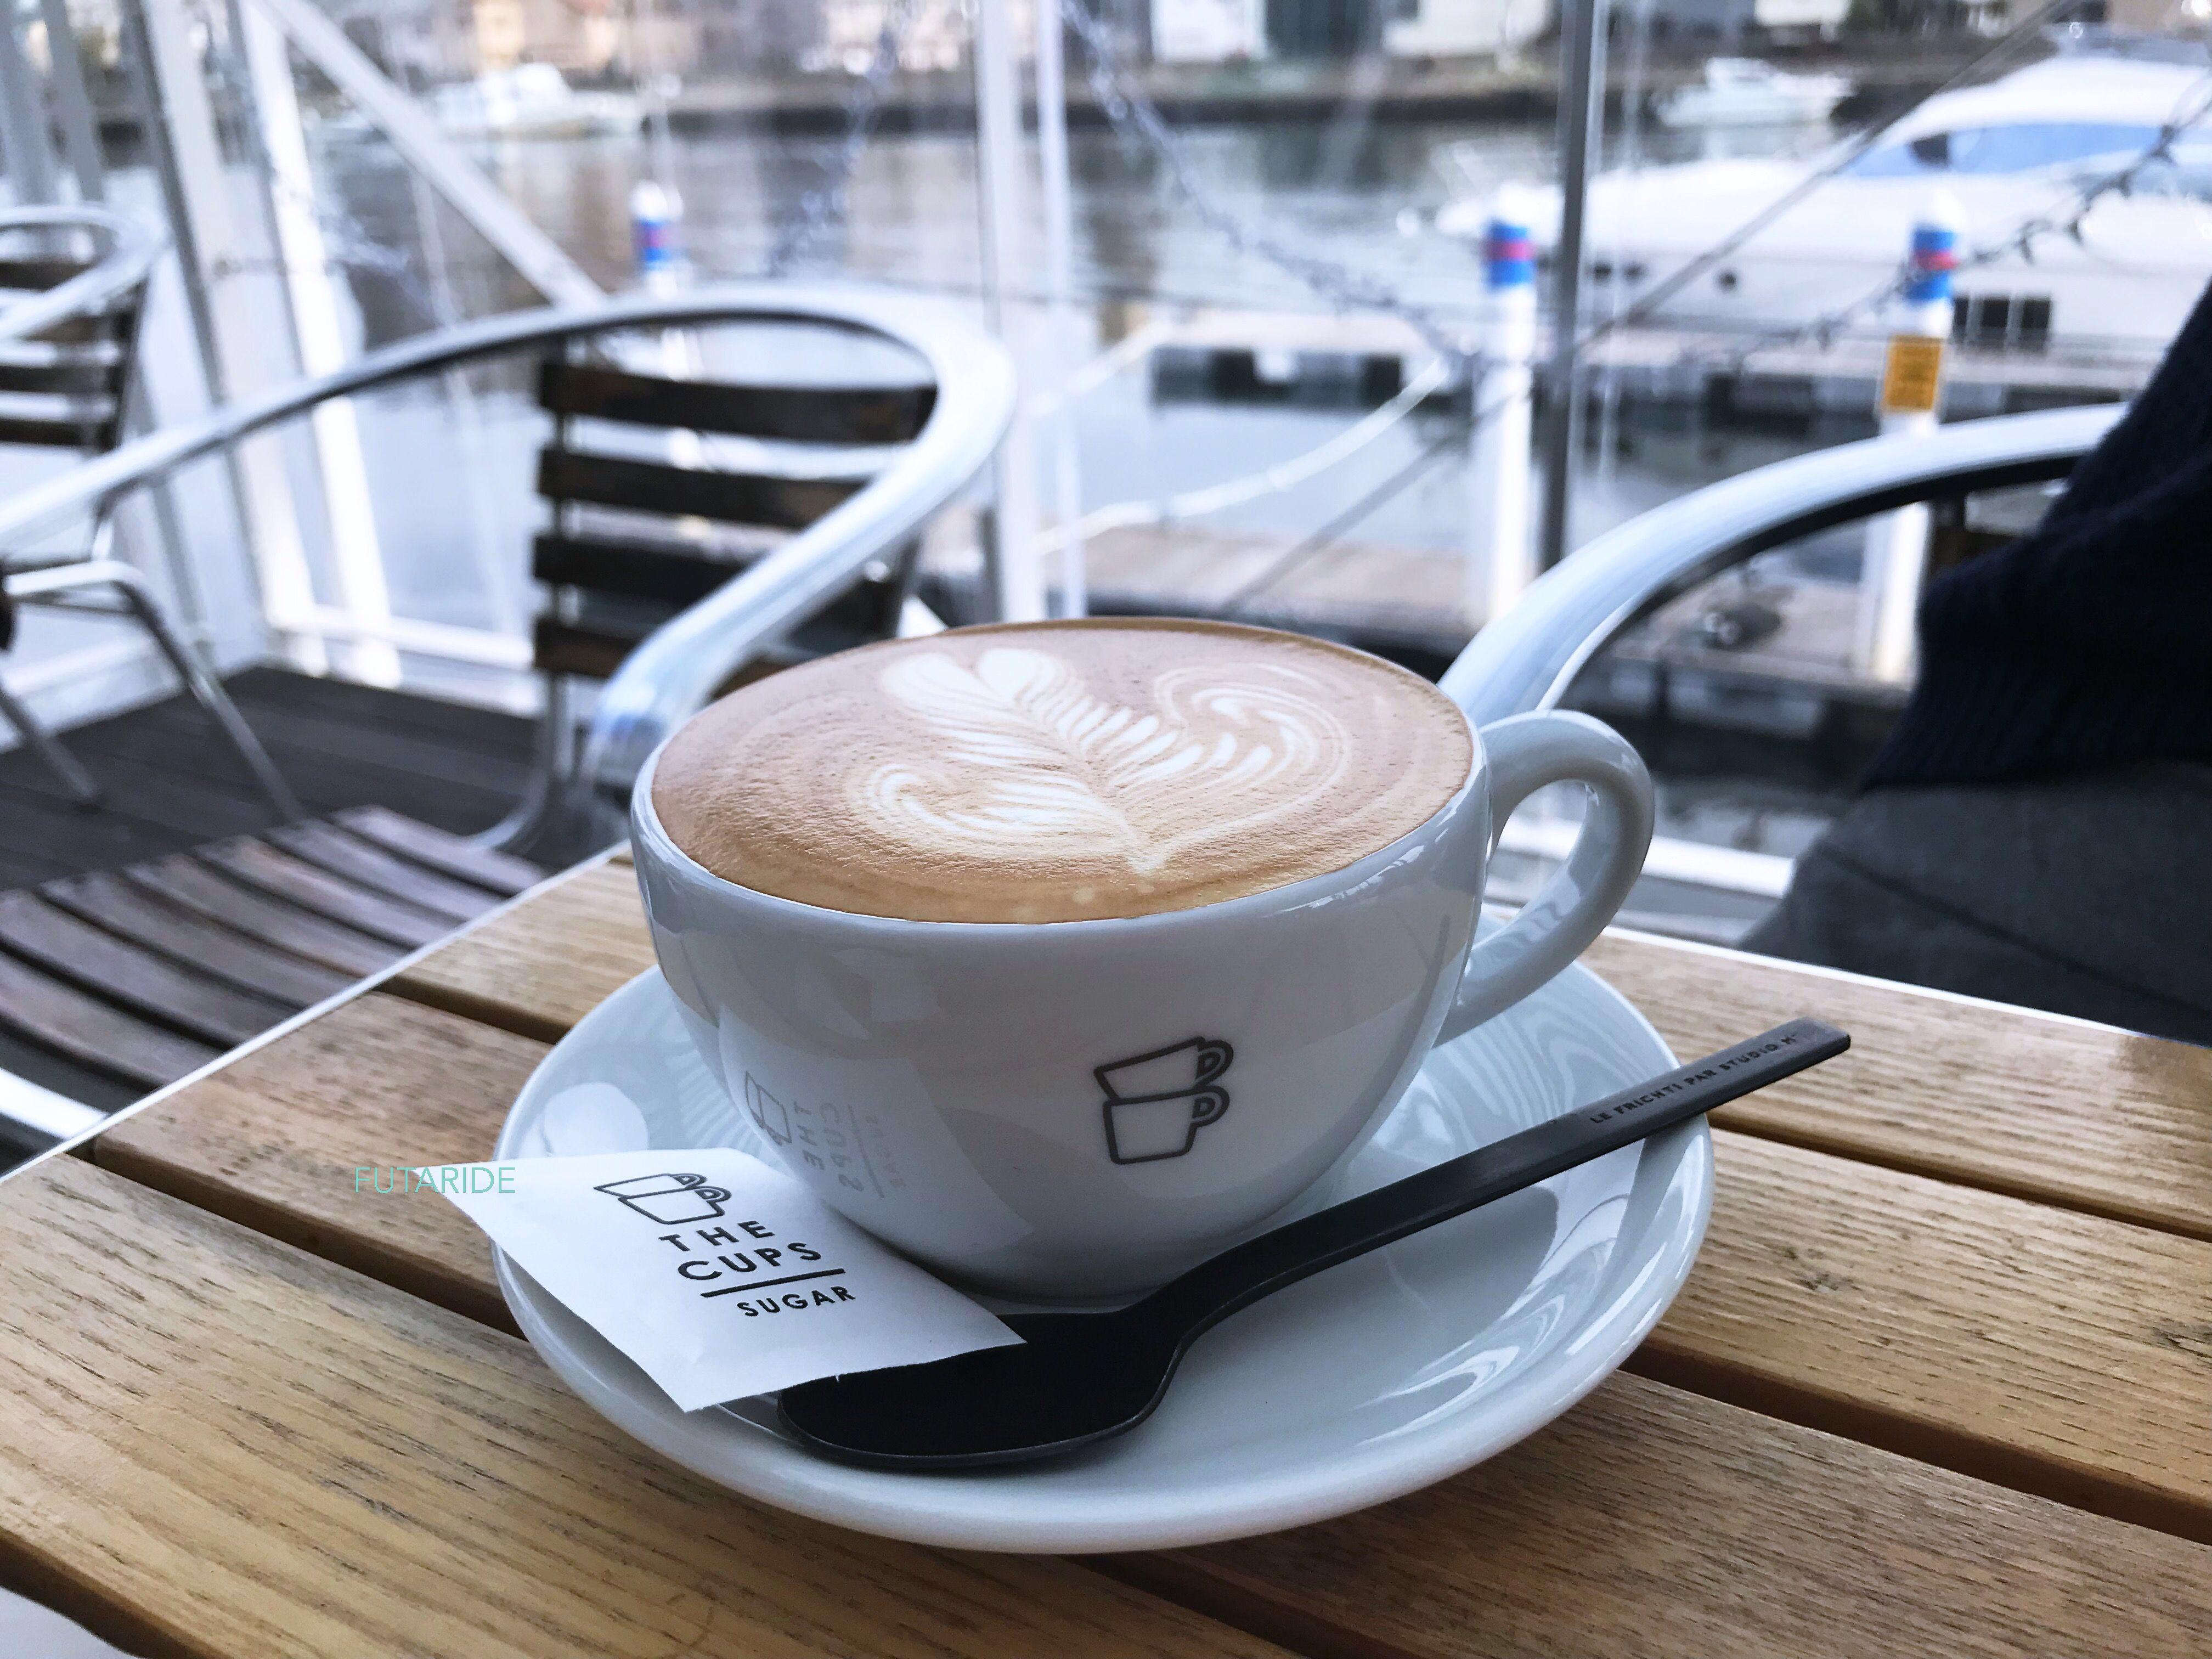 【名古屋No.1カフェ】まるでマリーナ!?THE CUPS HARBOR CAFE【ロケーション最高】